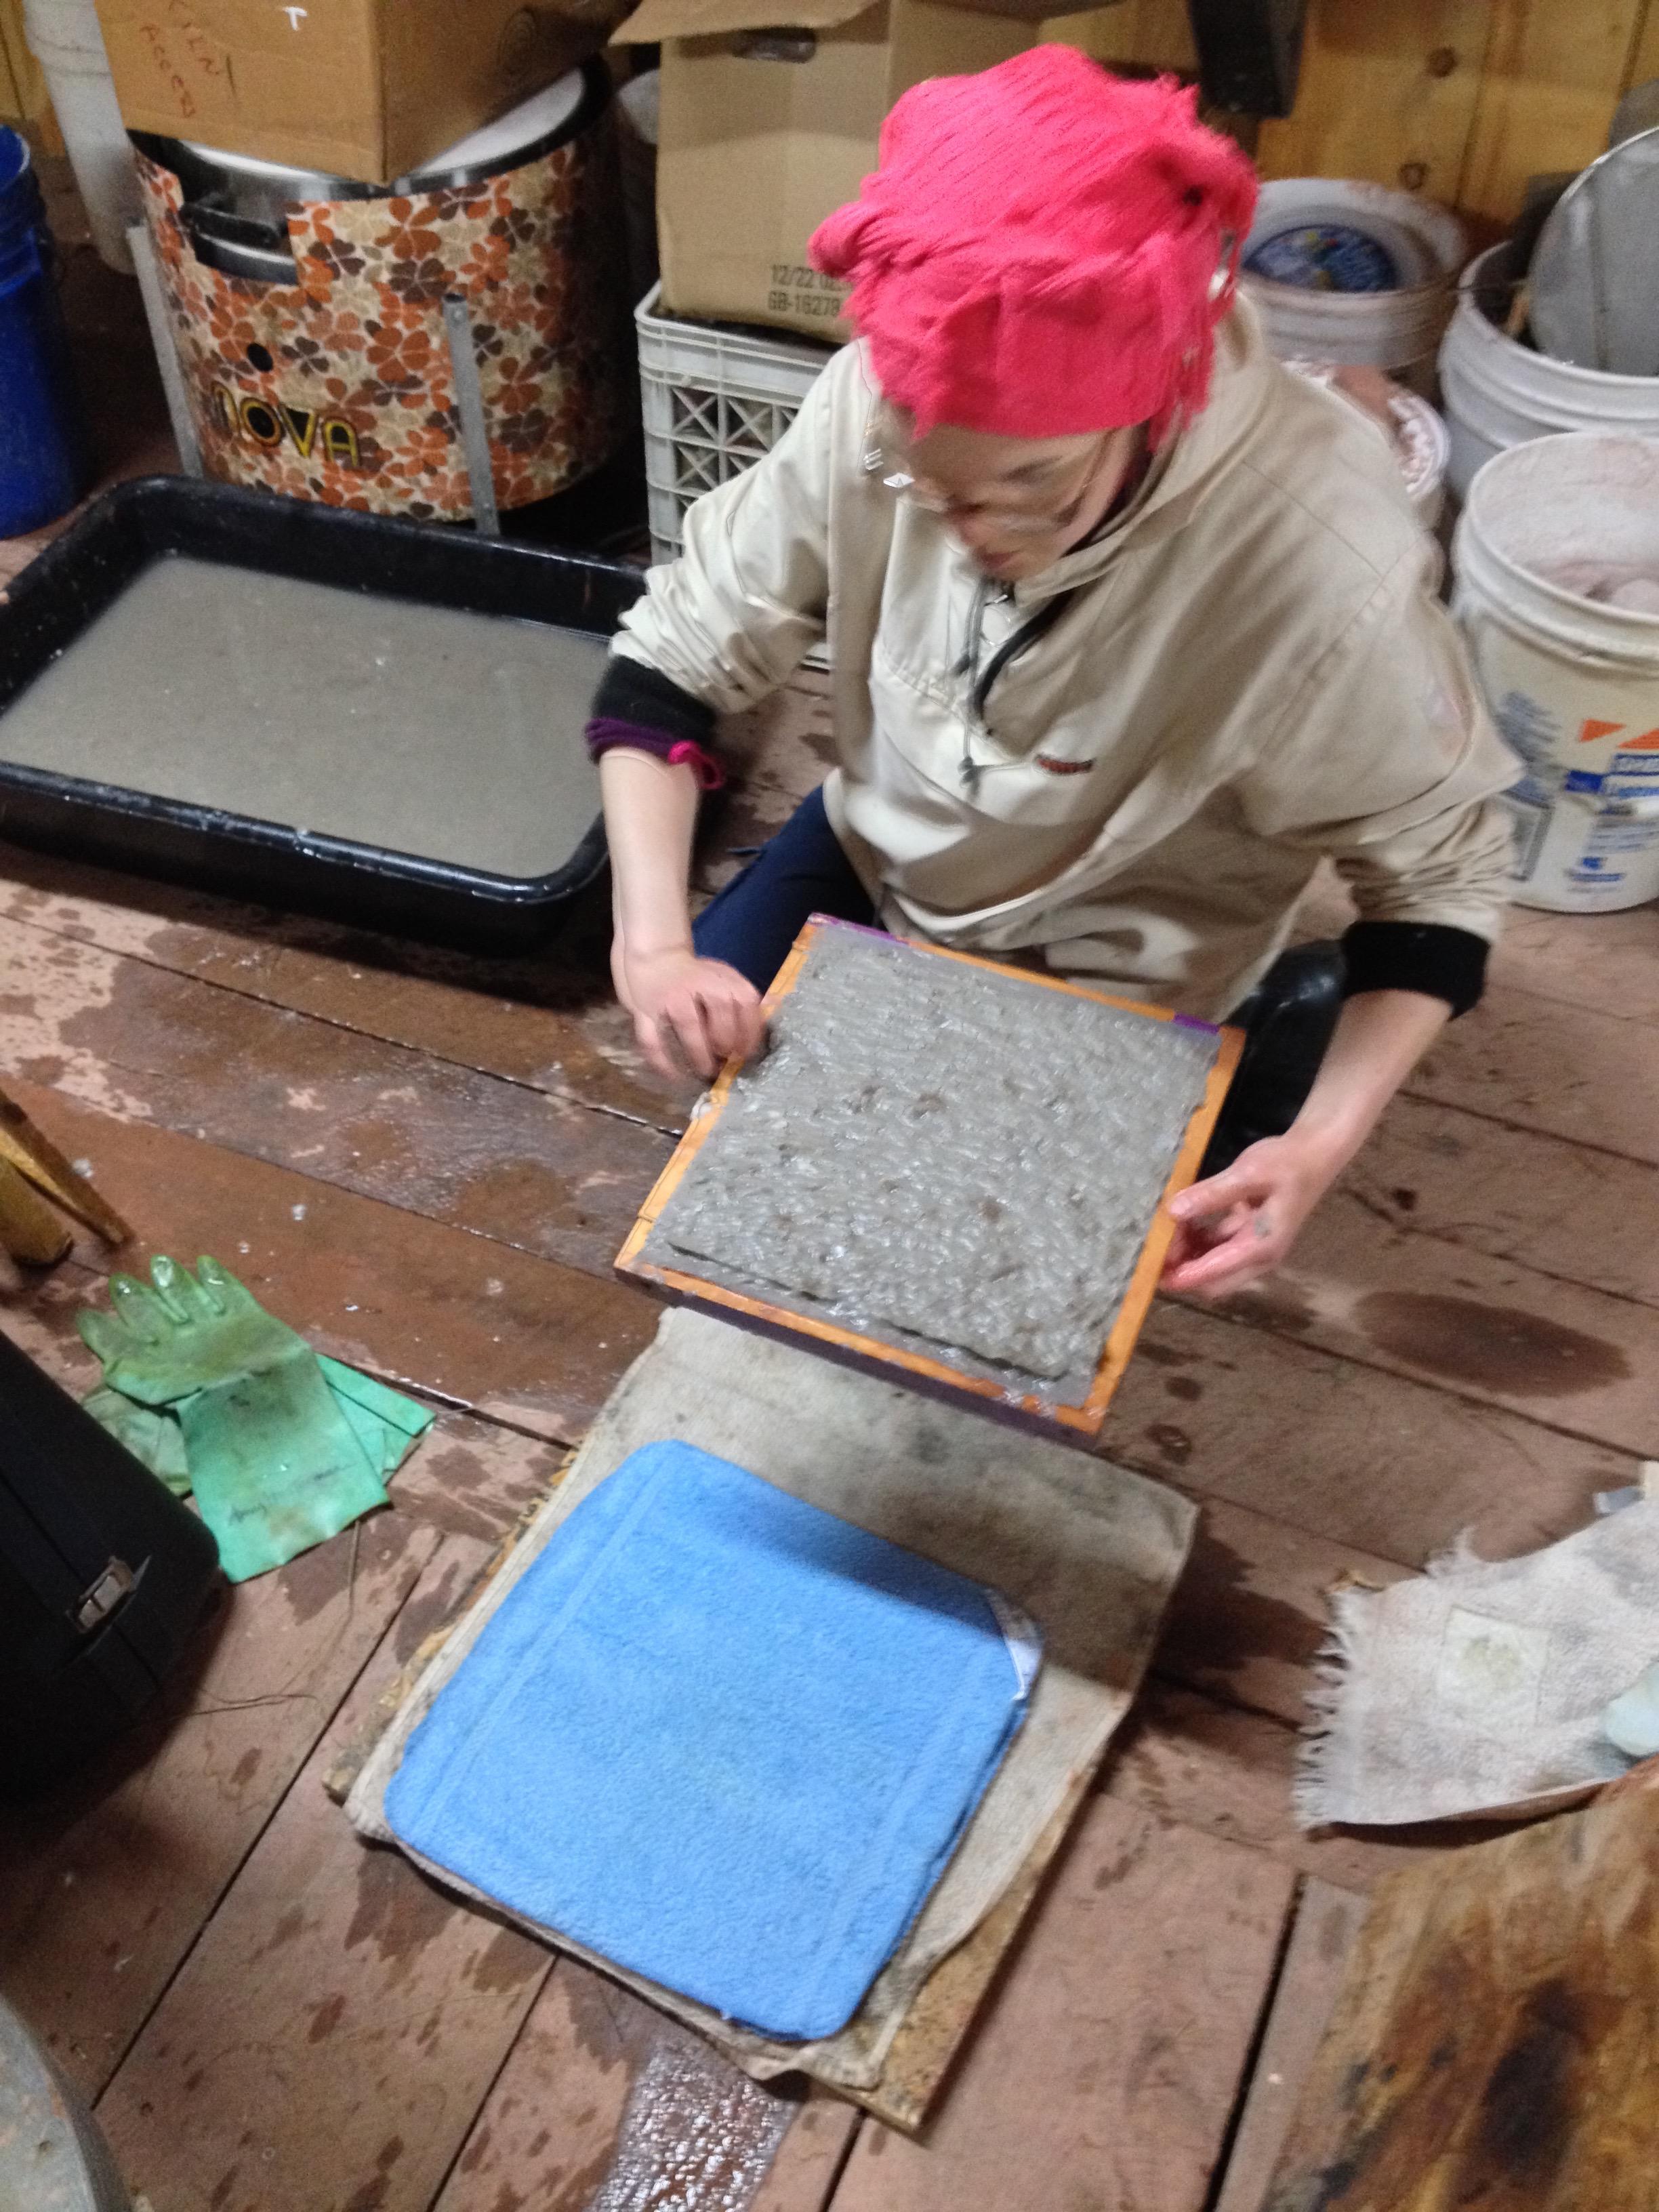 Mari making handmade recycled paper